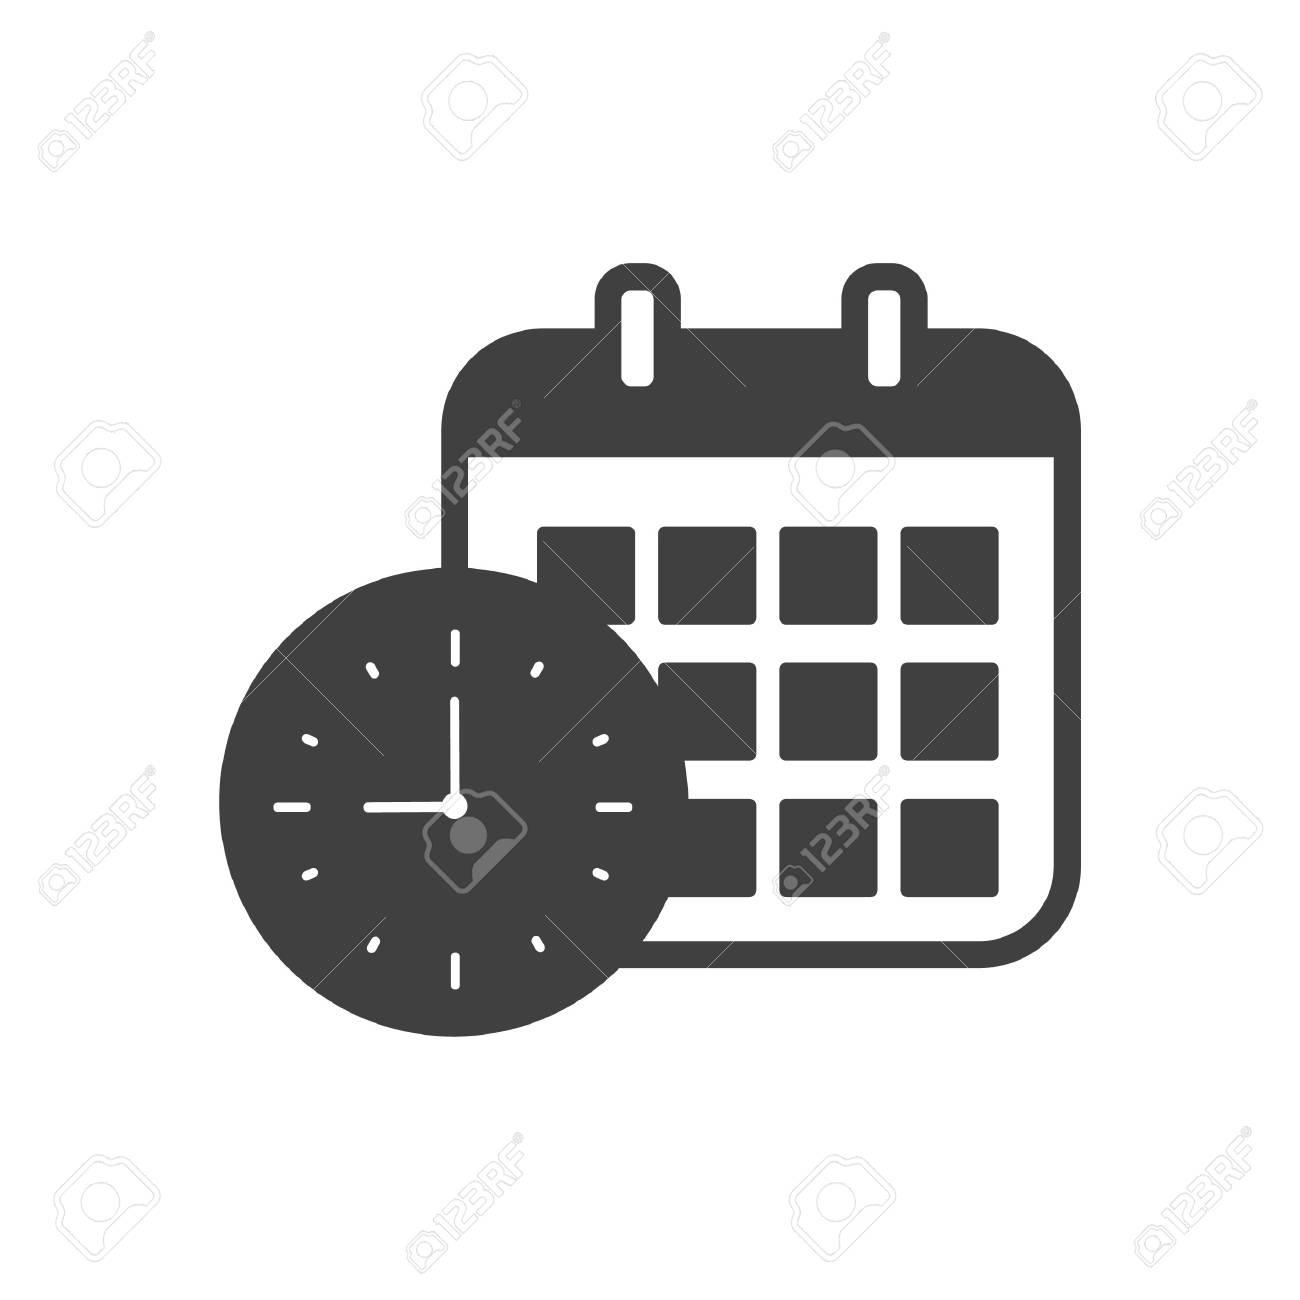 Calendario Vector Blanco.Reloj Y Calendario Icono Ilustracion Vectorial Blanco Y Negro